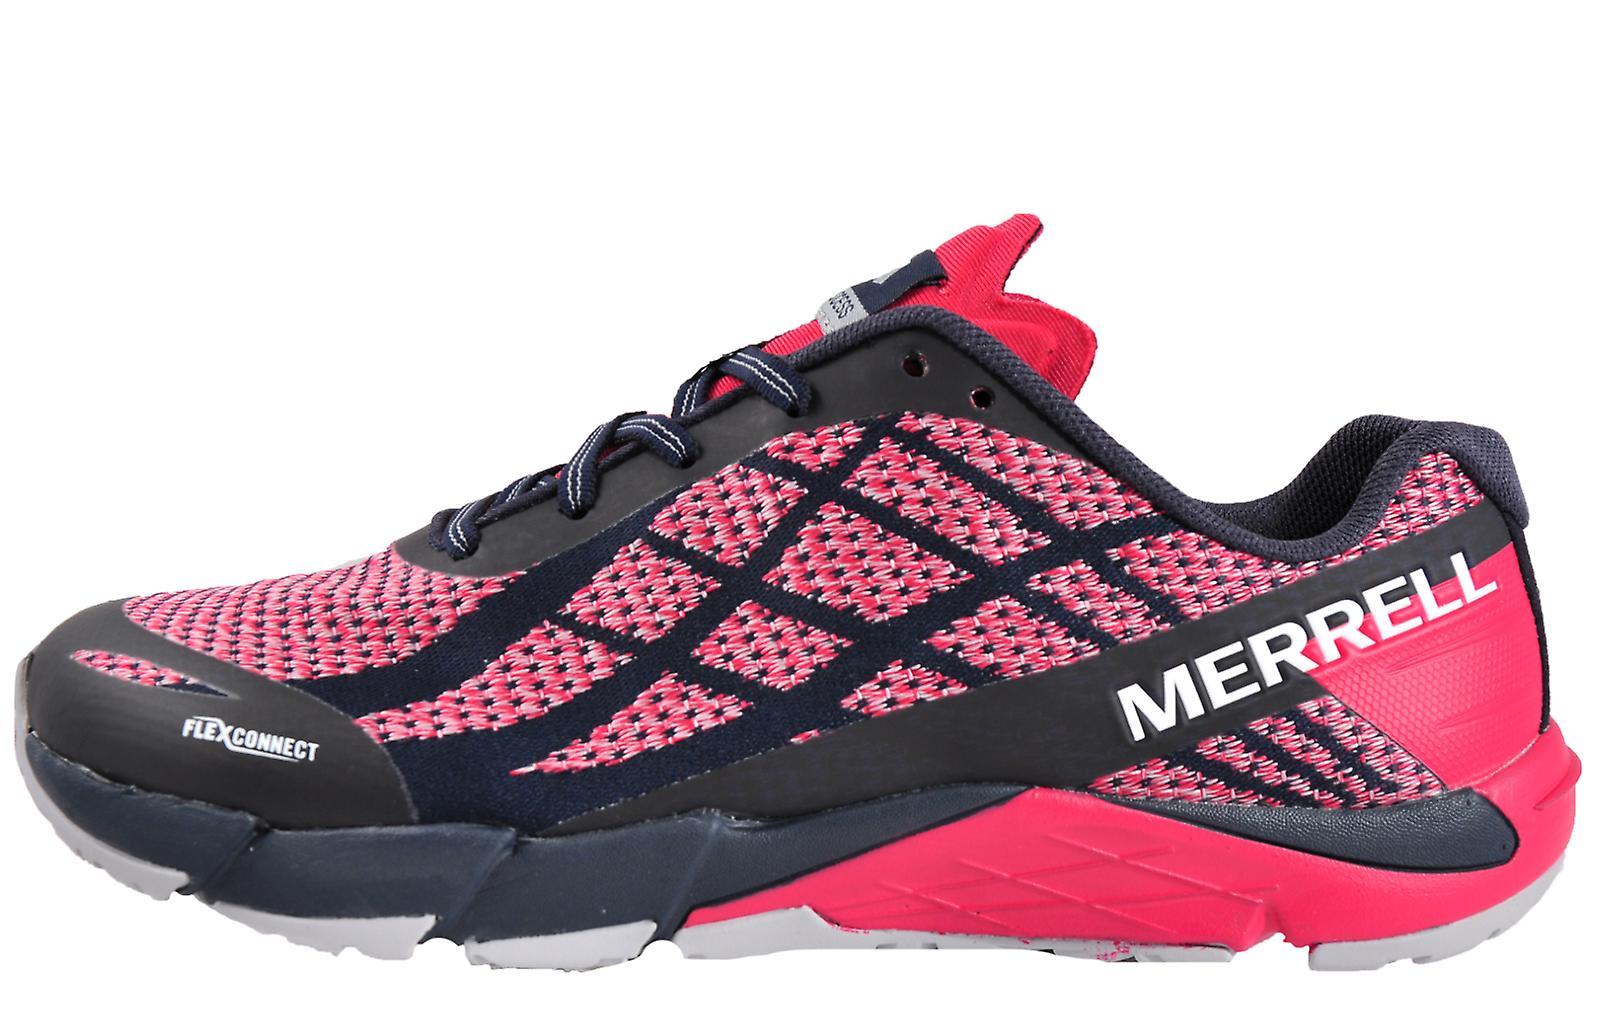 Merrell Bare Access Flex Shield Black / Rose